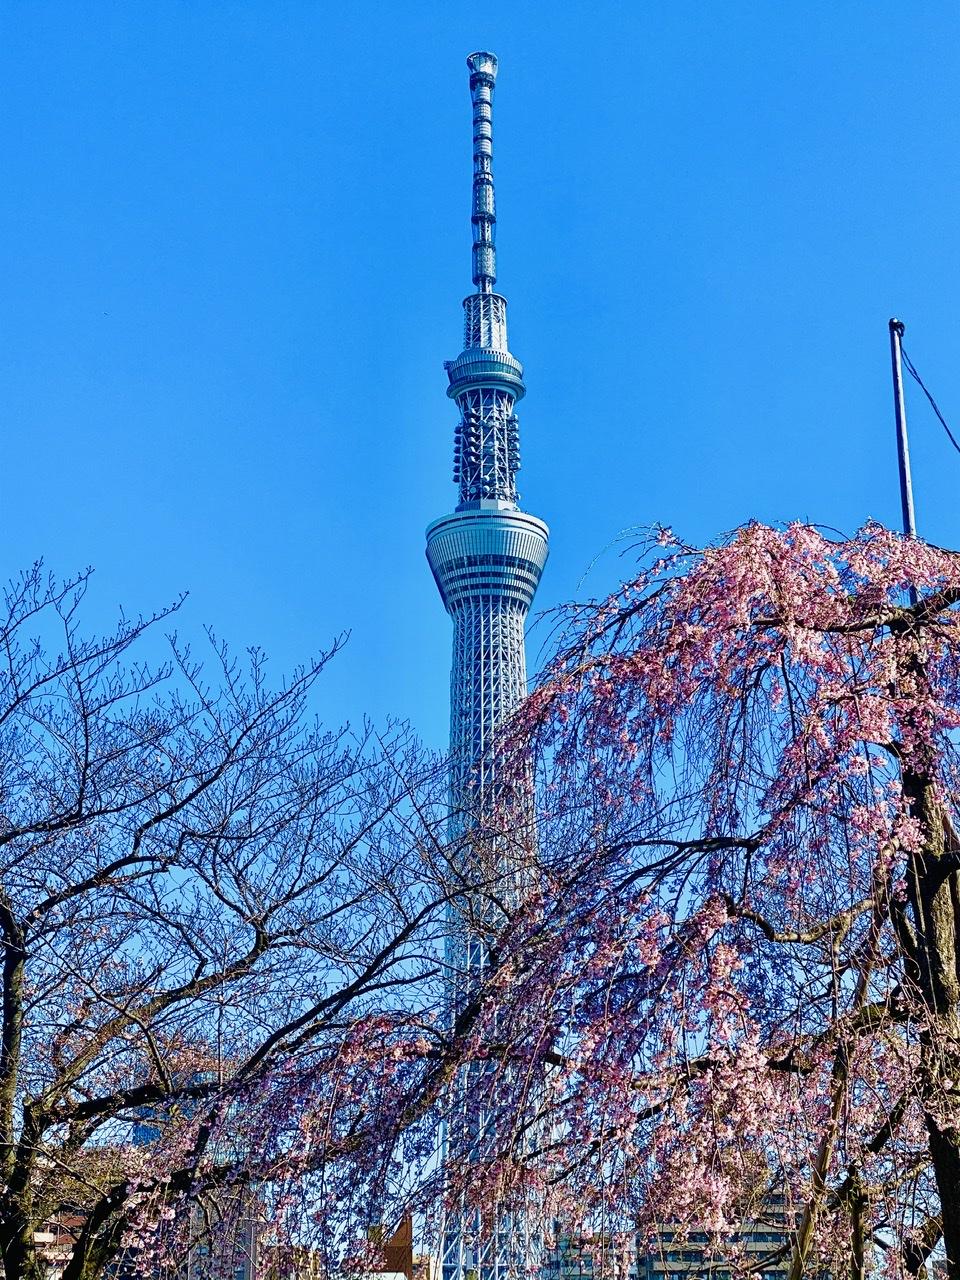 【隅田公園】お花見絶景スポット発見!《桜×東京スカイツリー》のコラボが映え度抜群♡_3